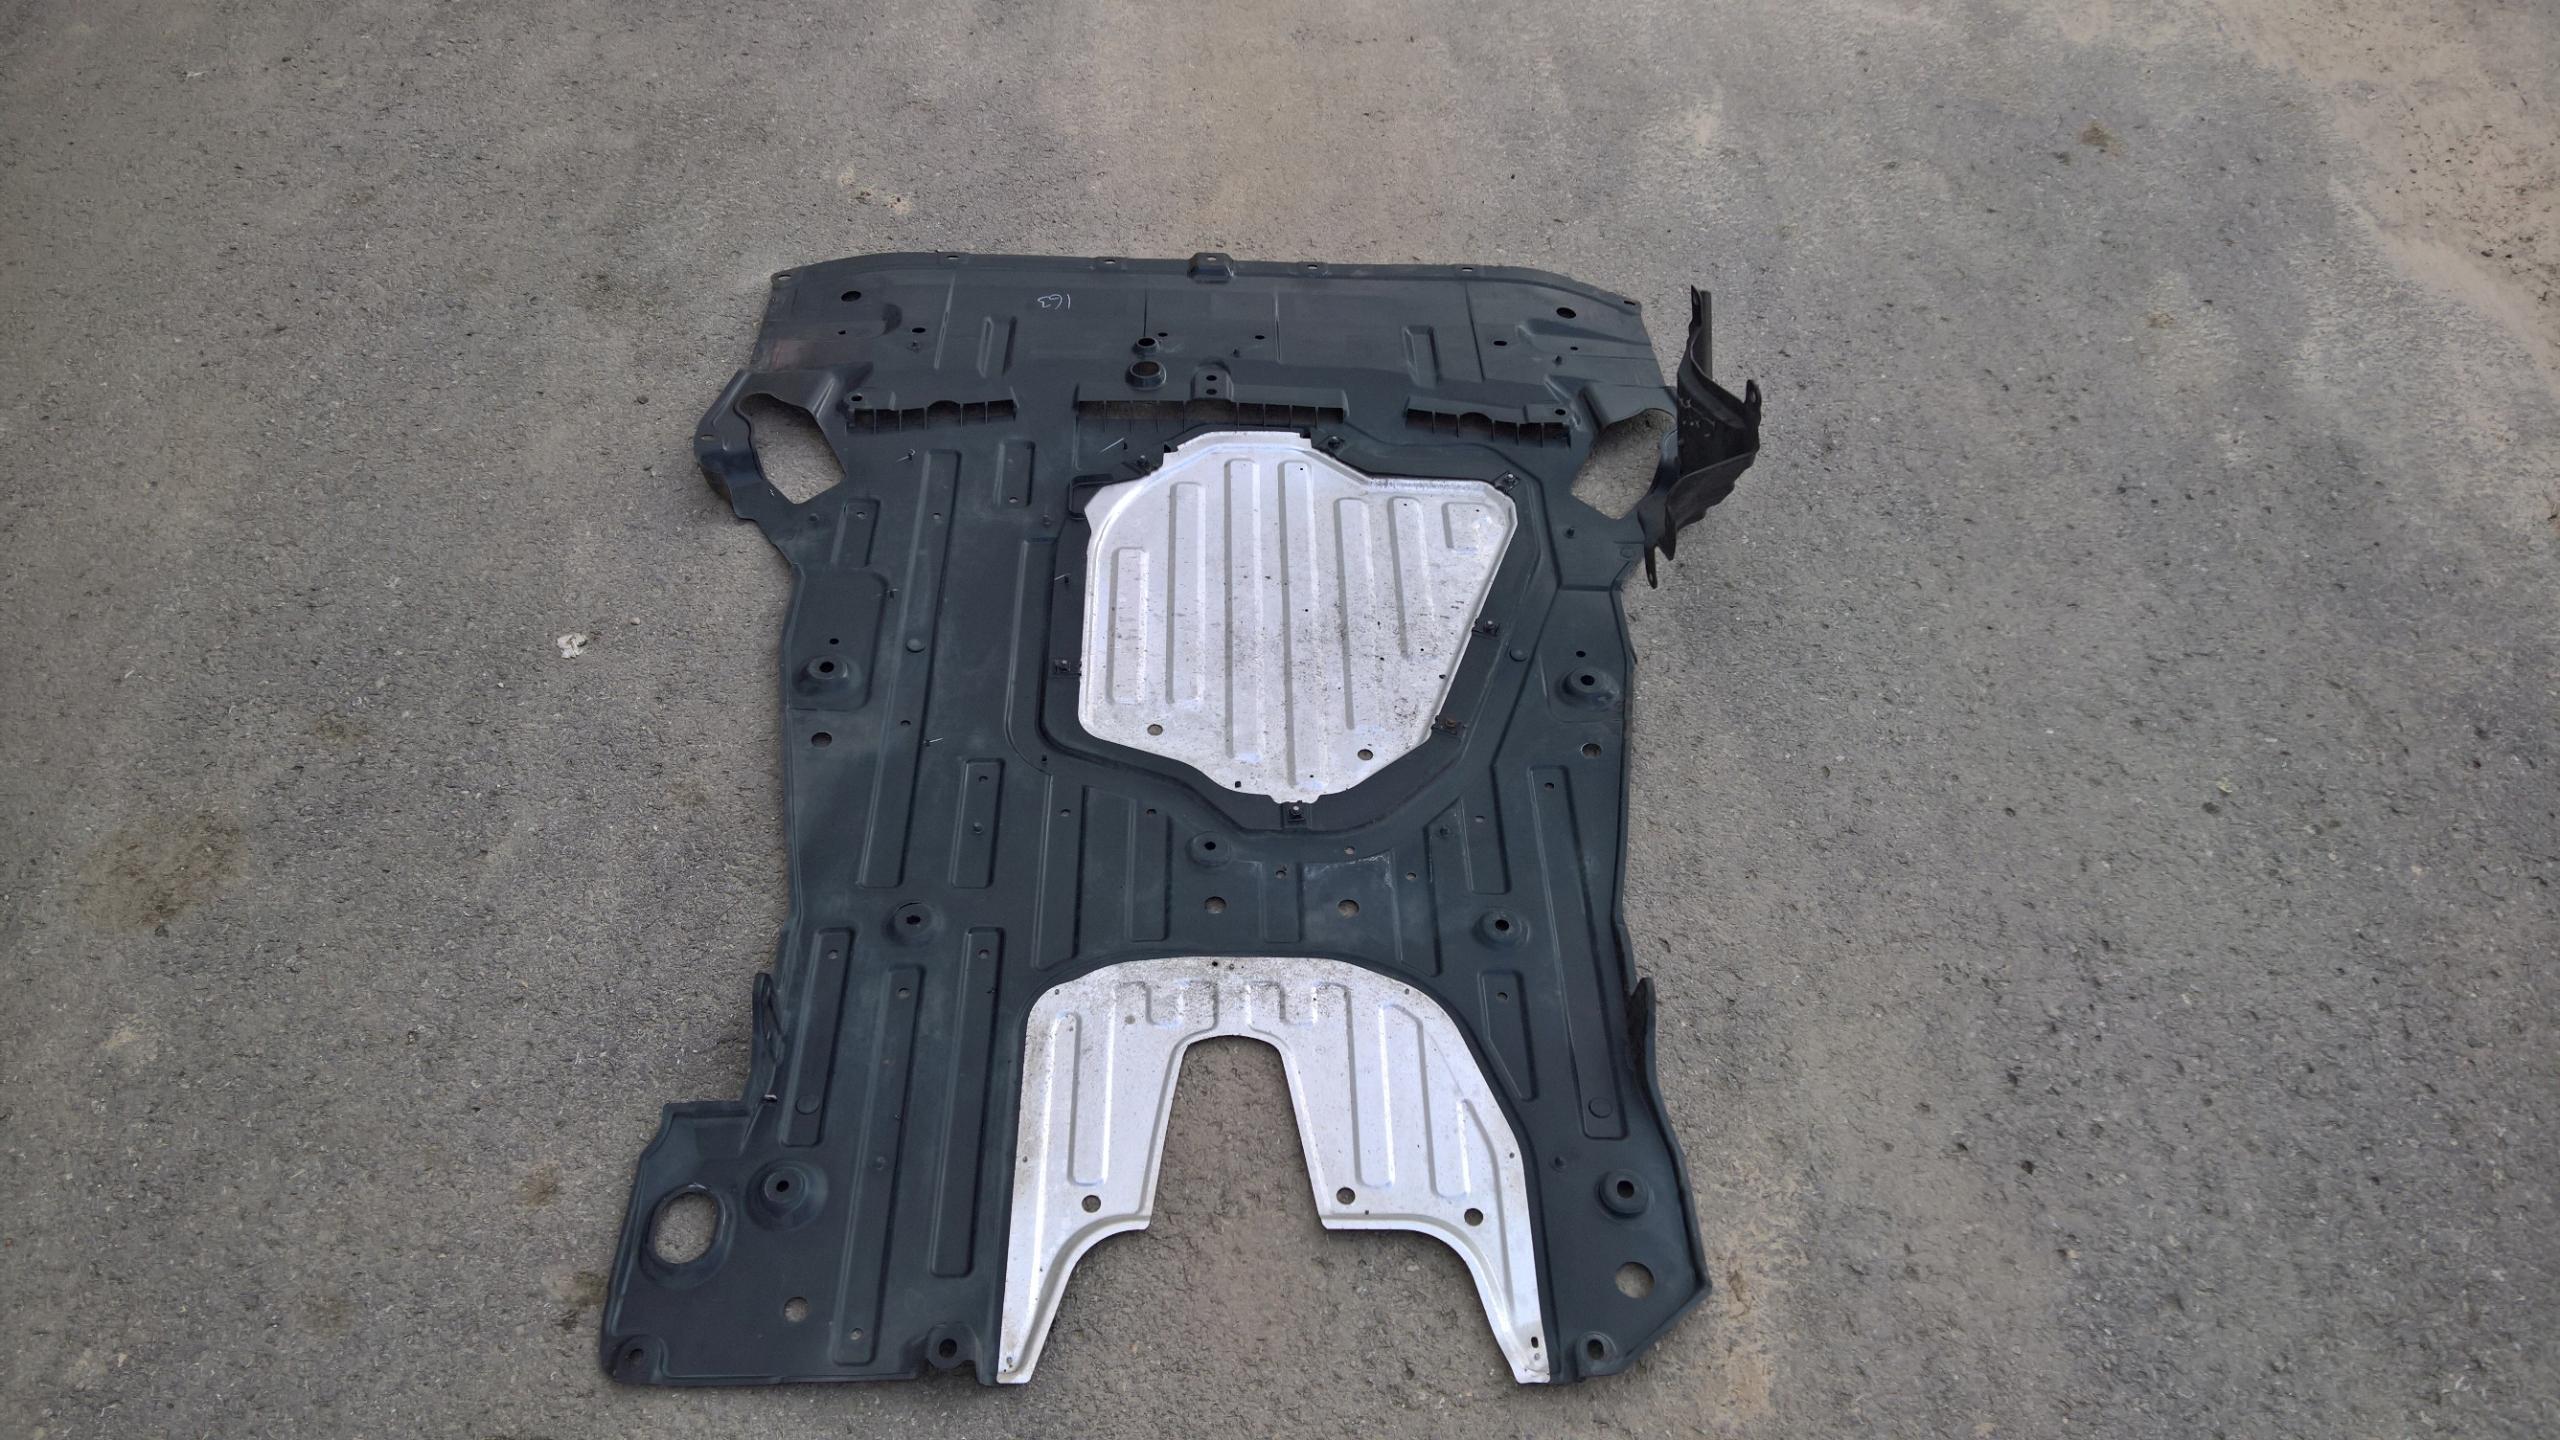 крышка под двигатель плита honda civic ix 5d 12-17